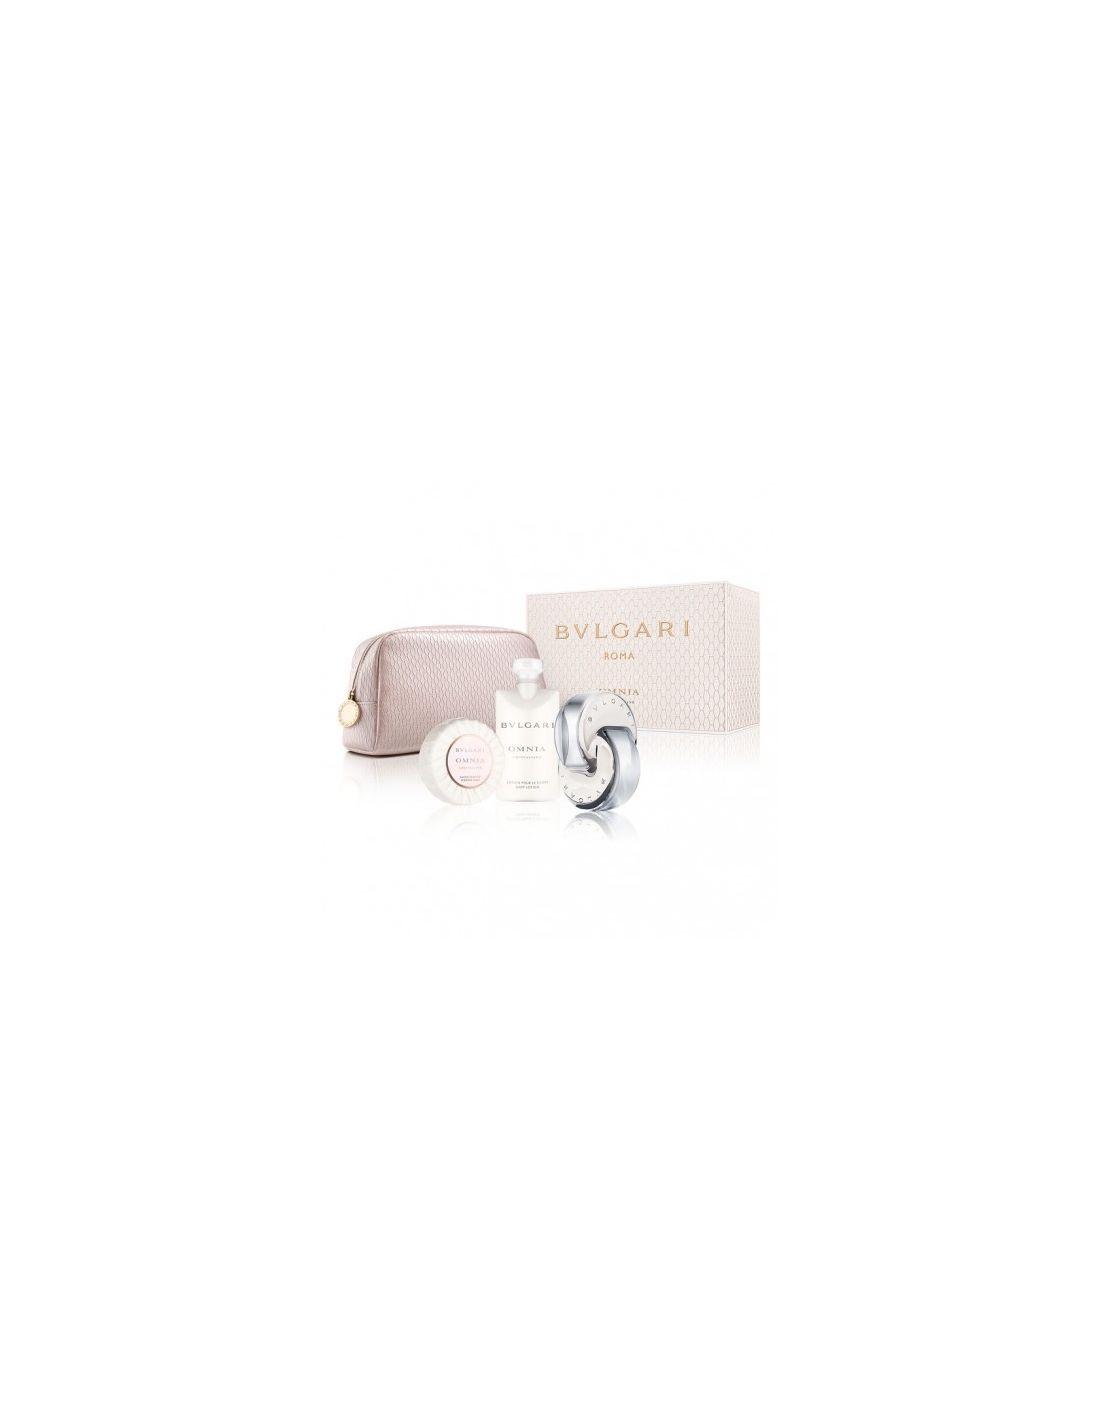 Omnia Crystalline Coffret Edt 65 ml + Body Lotion + Soap + Necessaire fcc8556929